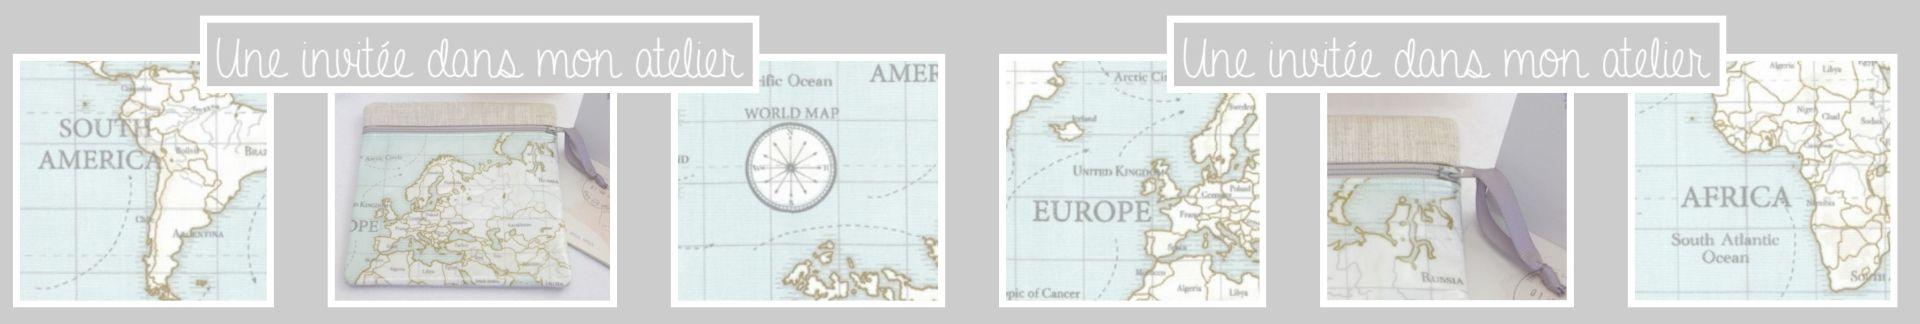 trousse de voyage-passeport-carte du monde-Europe-une invitée dans mon atelier